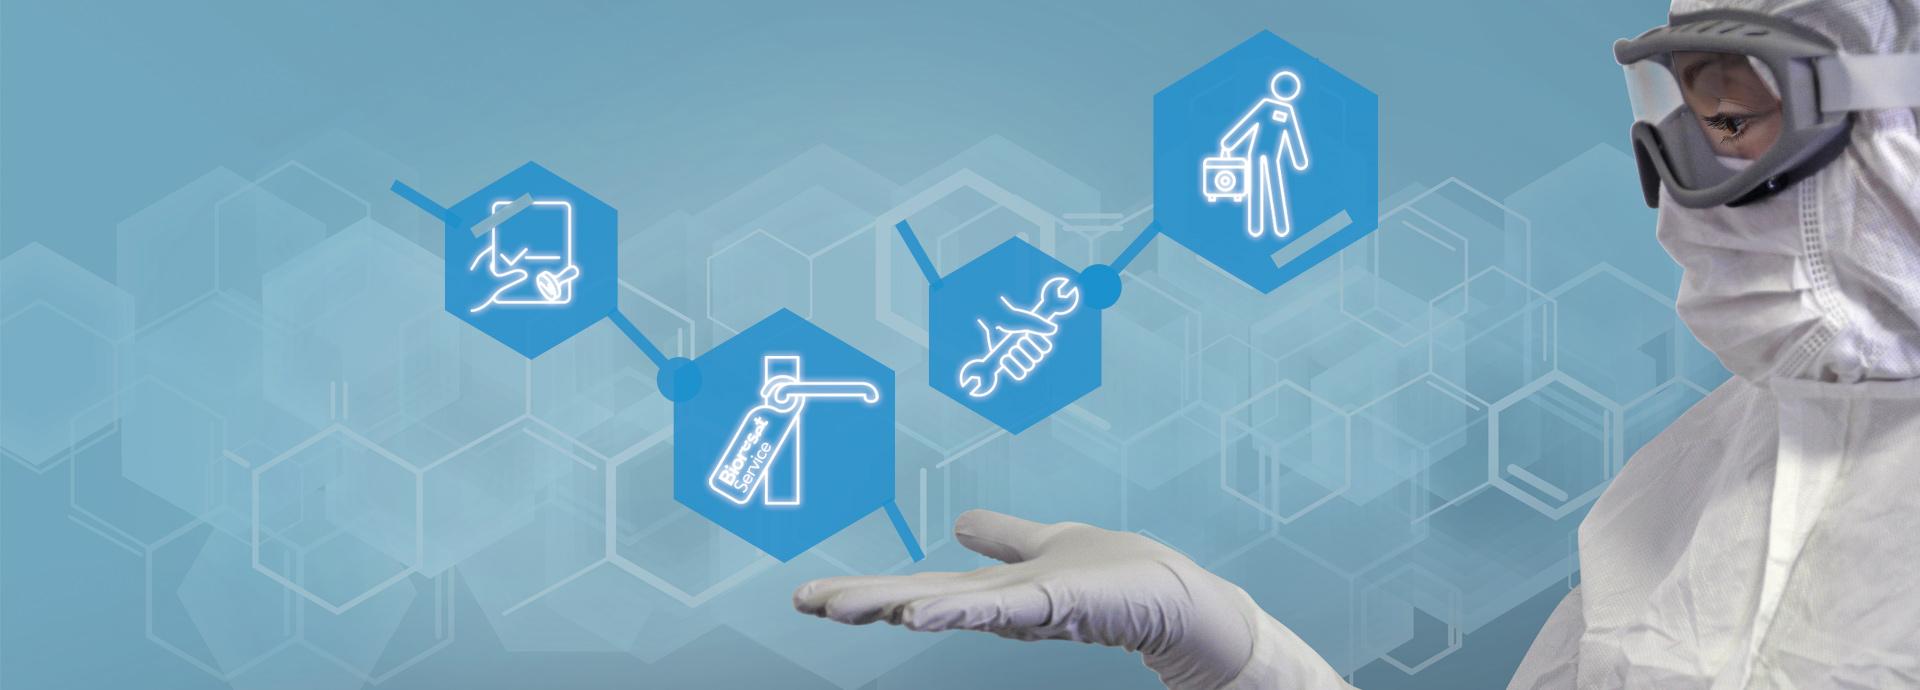 Servizi di biodecontaminazione H2O2, validazione cicli, calibrazione e manutenzione, noleggio strumenti